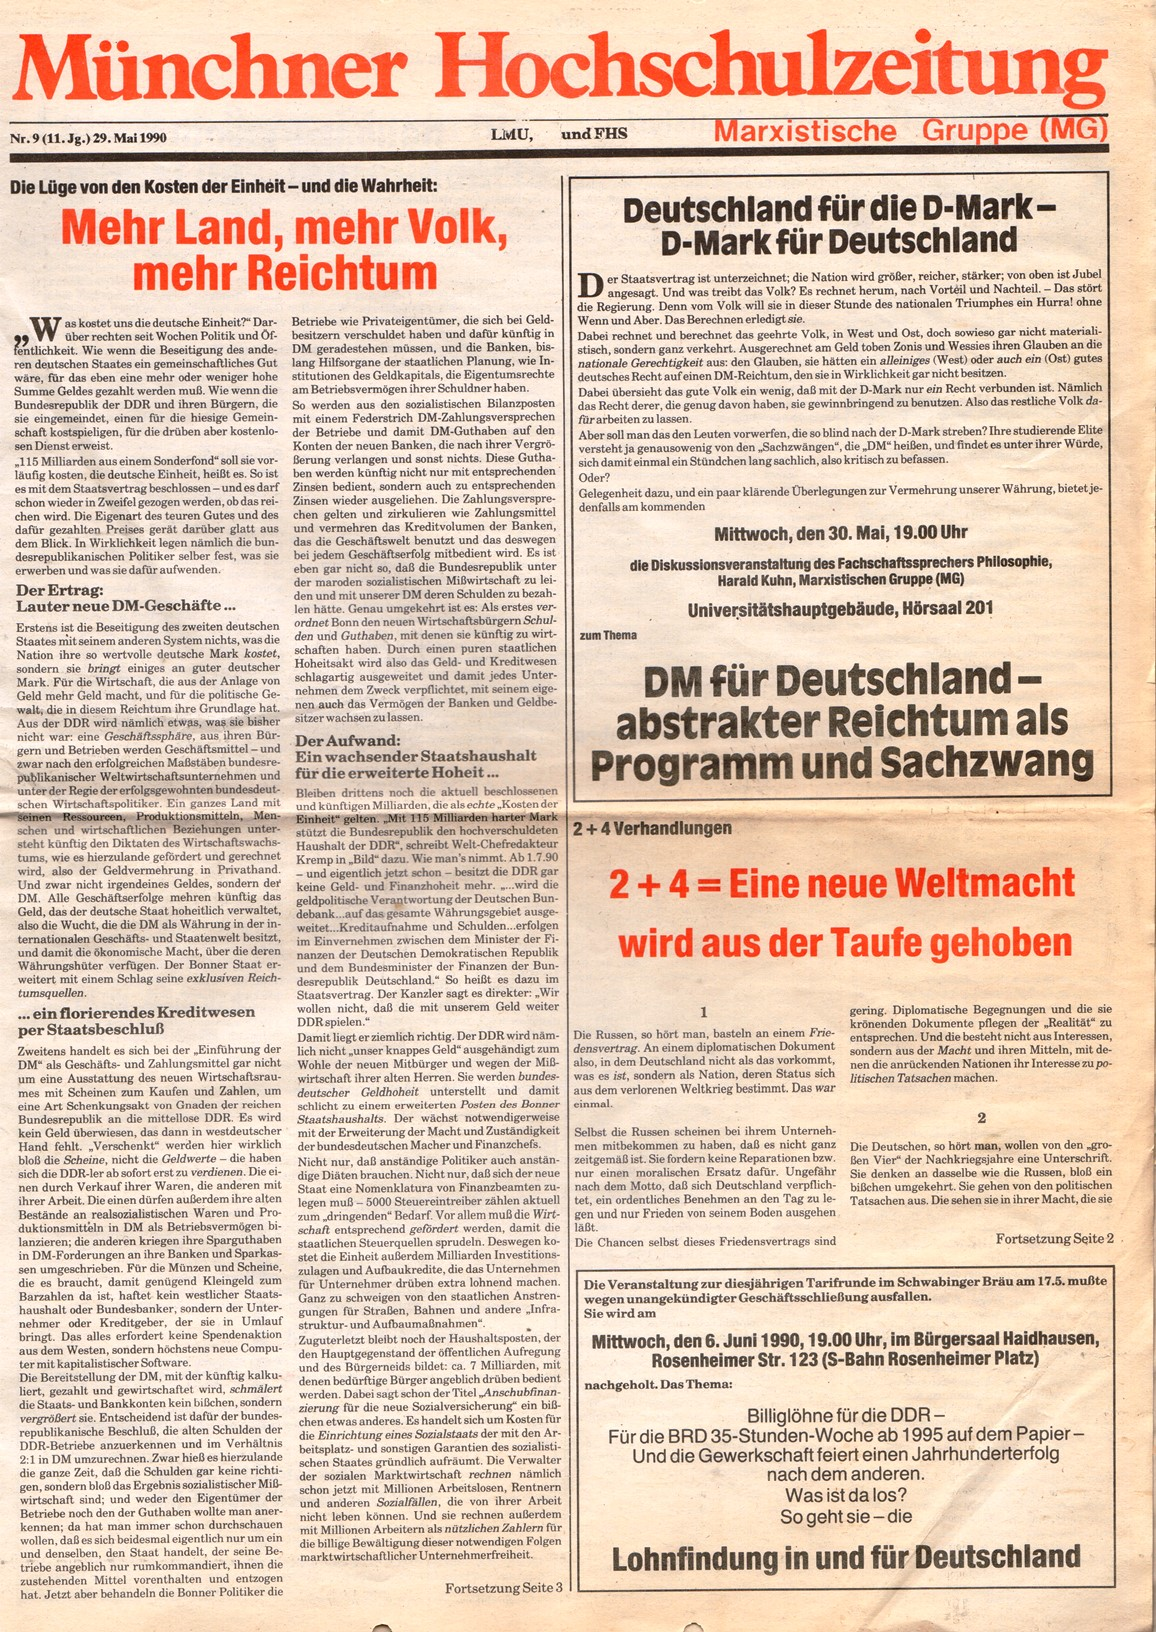 Muenchen_MG_Hochschulzeitung_19900529_01